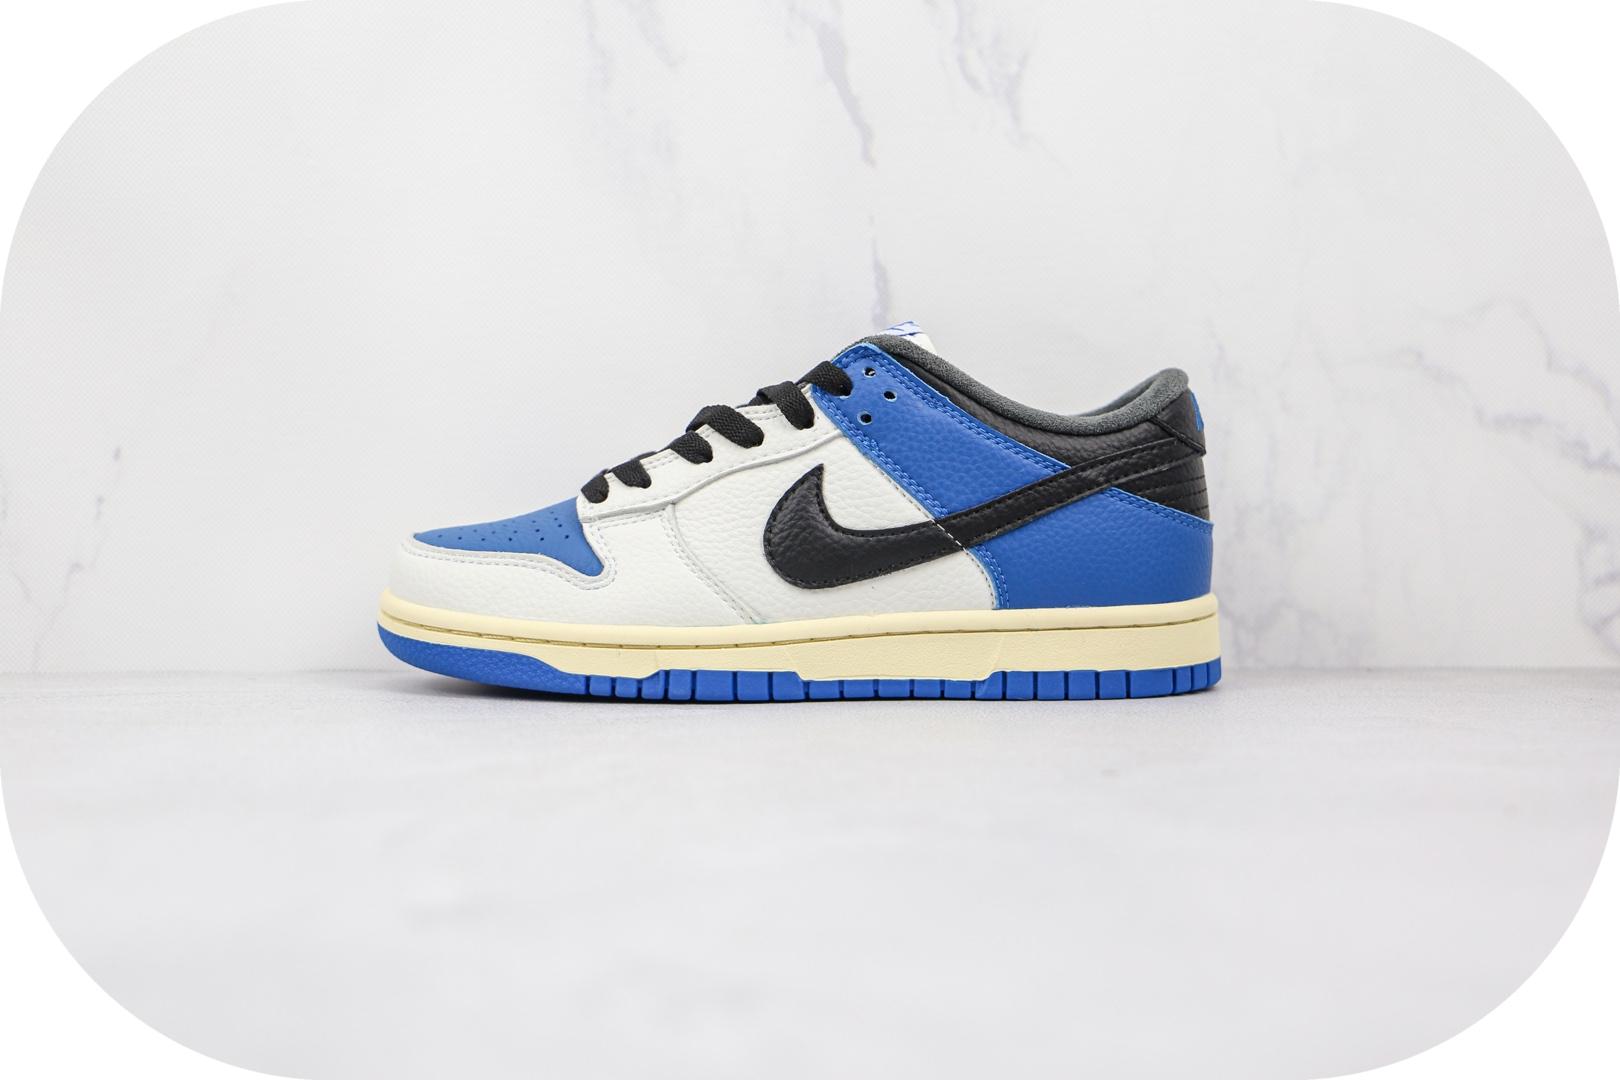 耐克Nike SB Dunk Low Pro纯原版本低帮SB DUNK白蓝色TS联名款板鞋内置气垫 货号:DH0957-105